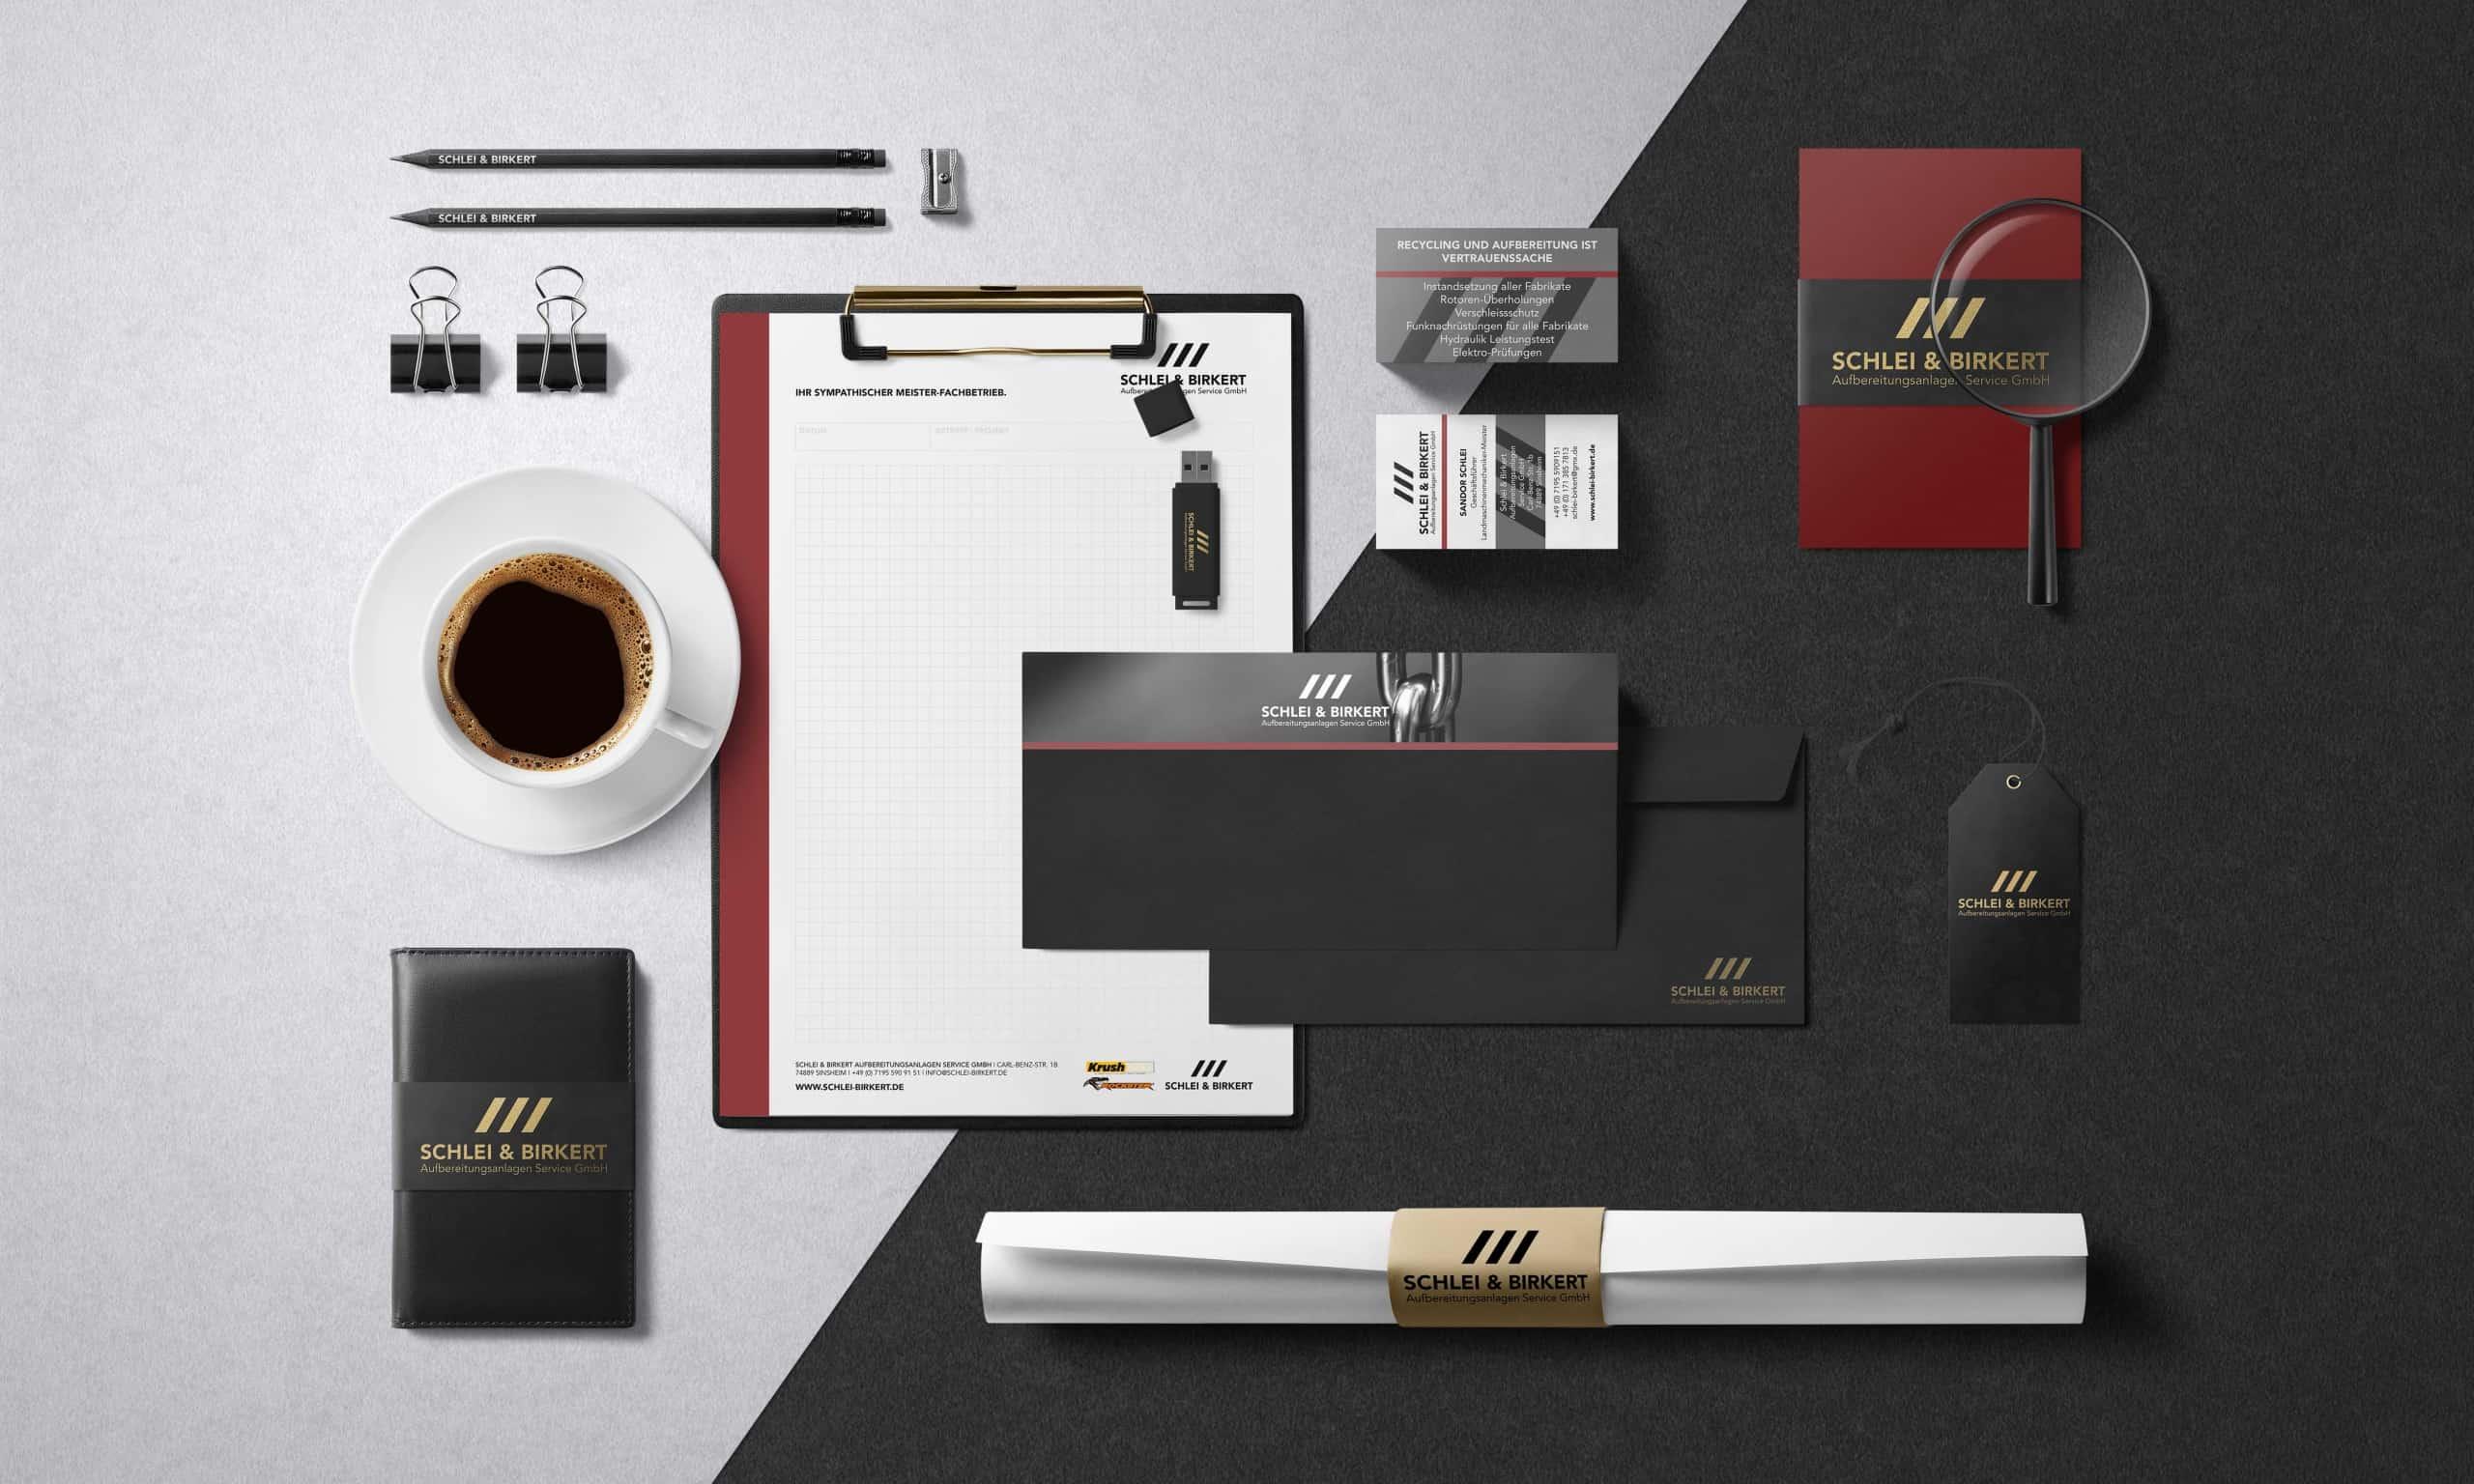 Firmendesign-Geschäftsausstattung